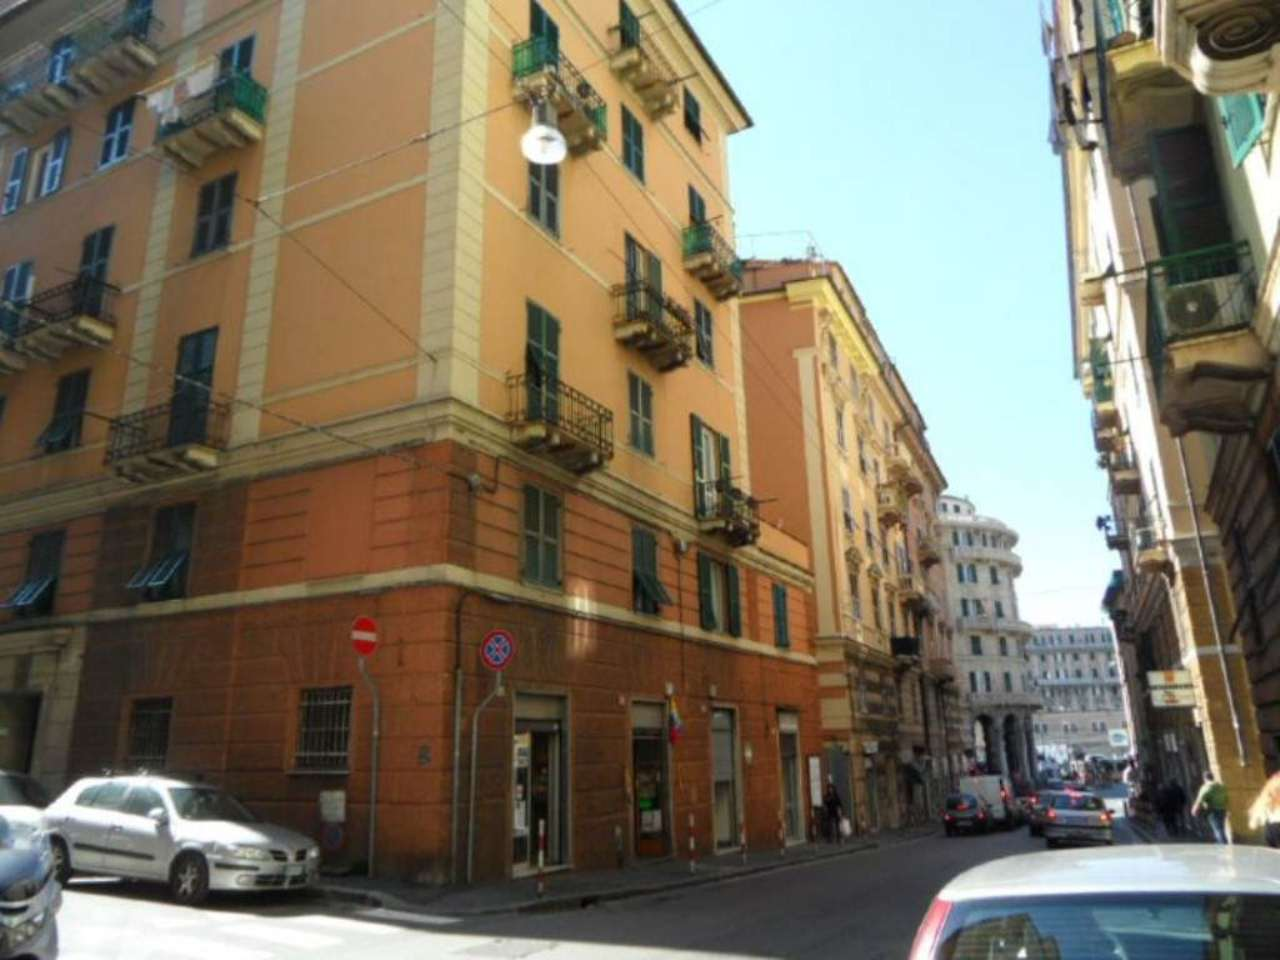 Negozio / Locale in vendita a Genova, 3 locali, zona Zona: 8 . Sampierdarena, Certosa-Rivarolo, Centro Ovest, S.Teodoro, prezzo € 450 | Cambio Casa.it